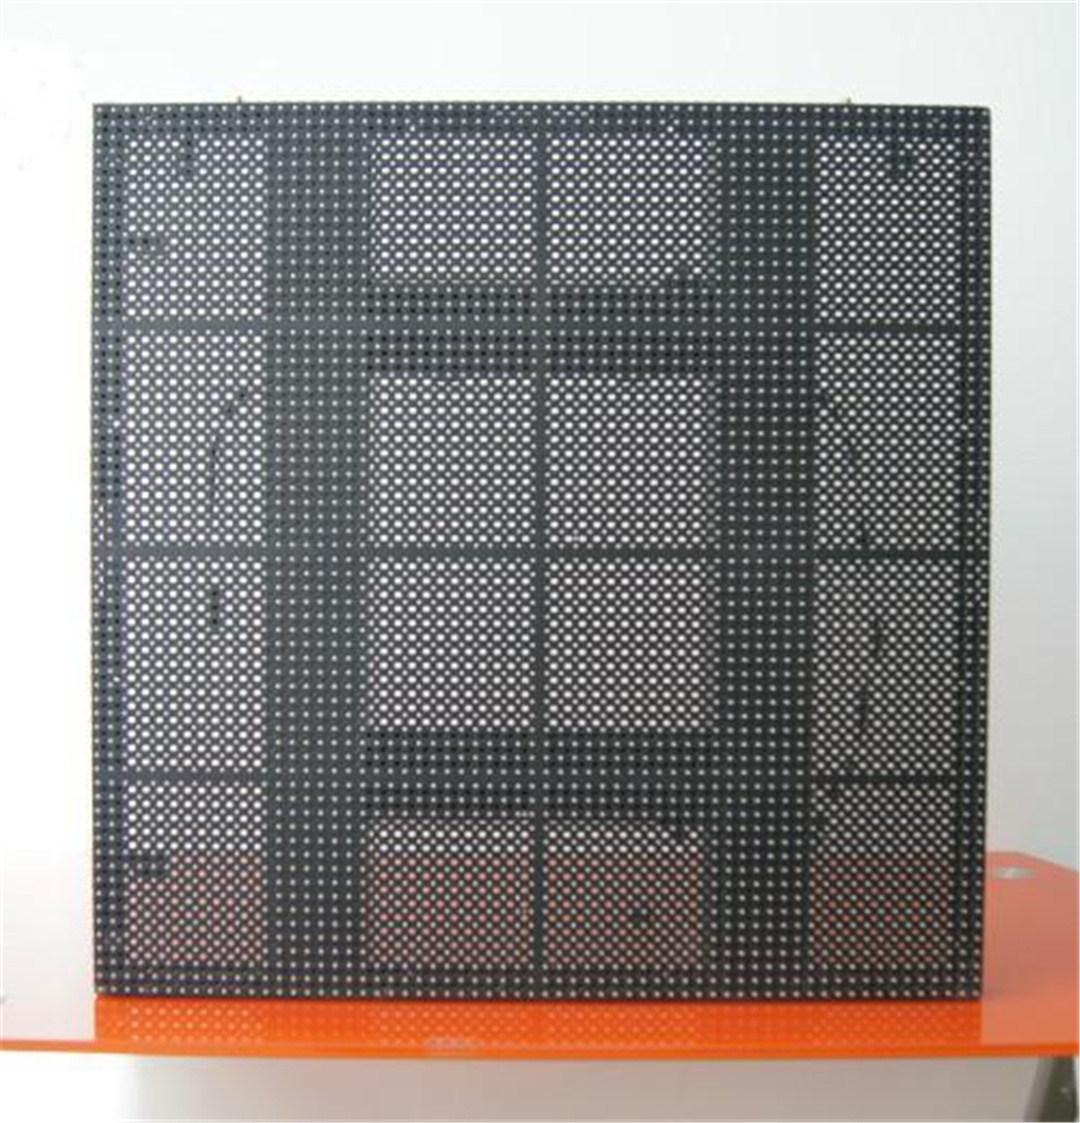 关于LED网格屏优势特点是什么?